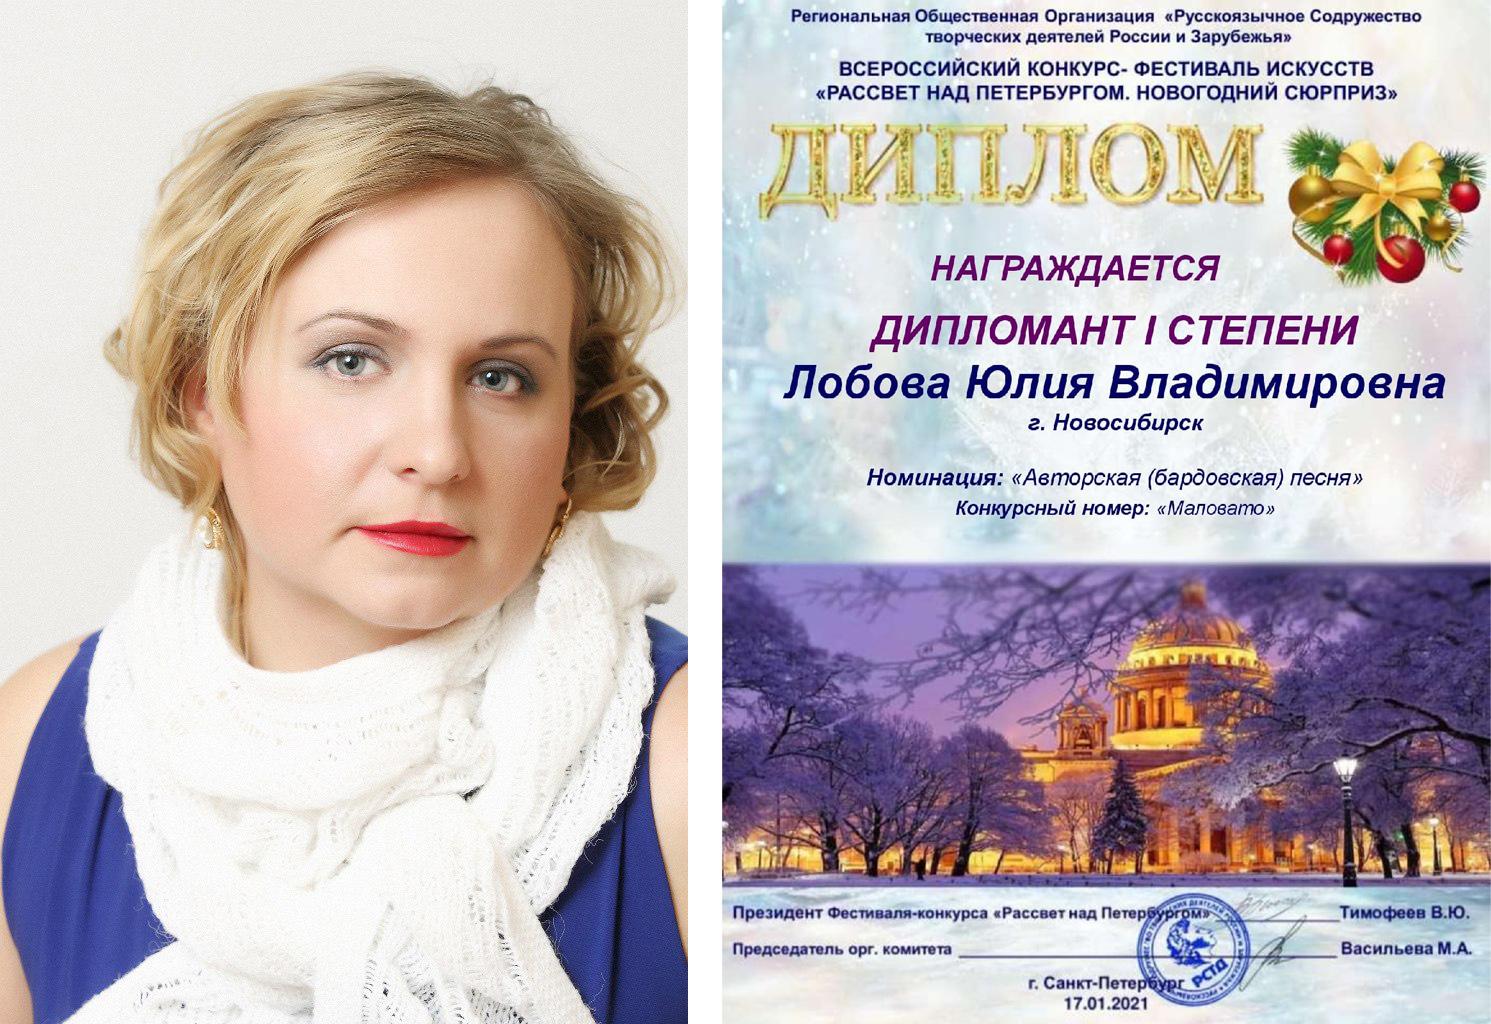 Новосибирская исполнительница вошла в число победителей на Всероссийском конкурсе-фестивале искусств